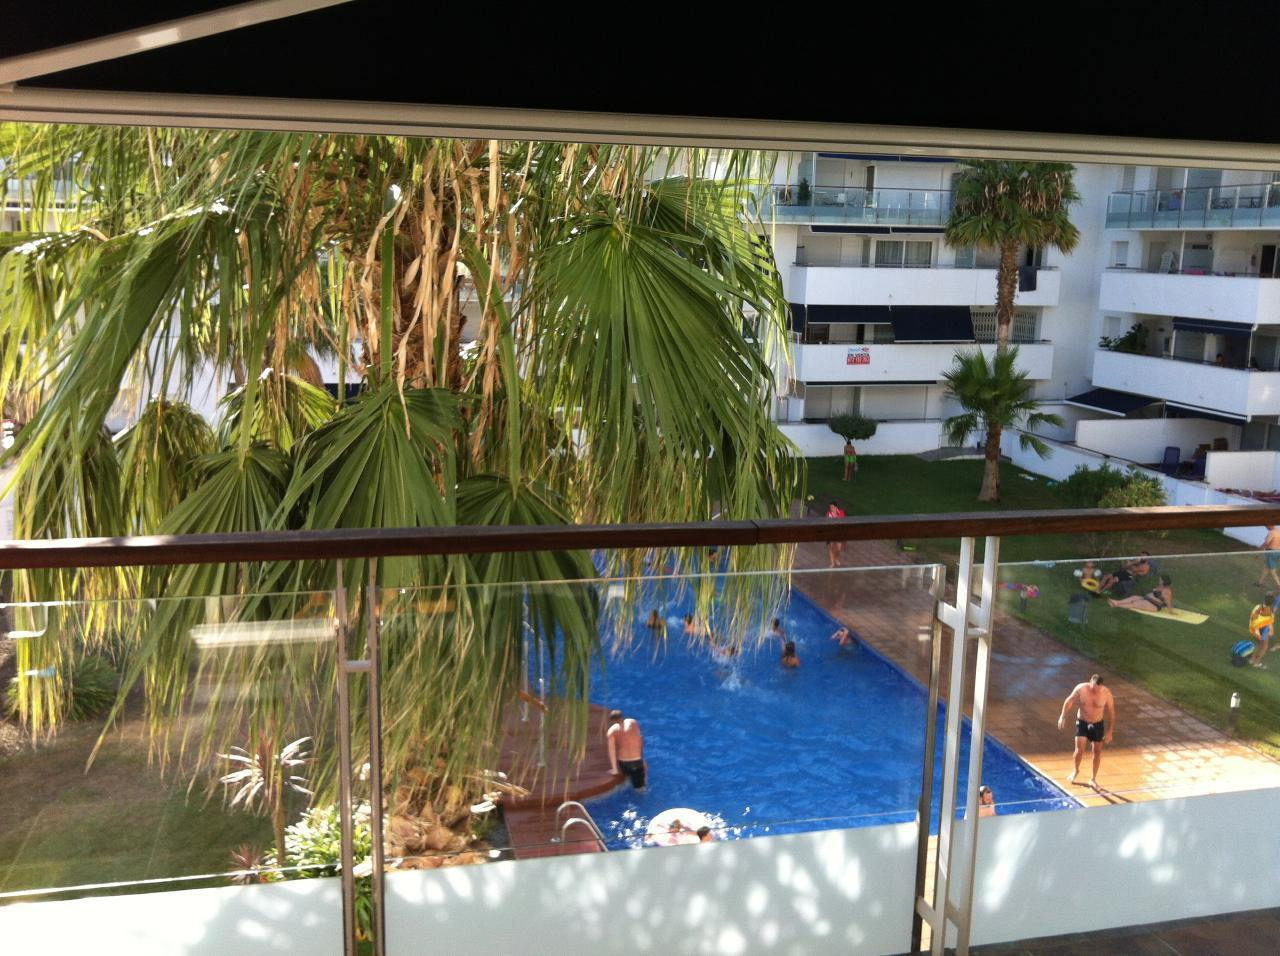 Ferienwohnung Wohnung in Neubau, sehr gut ausgestattet und praktisch, mit Klimaanlage Gemeinschaftspool  (2329141), Rosas (Costa Brava), Costa Brava, Katalonien, Spanien, Bild 1